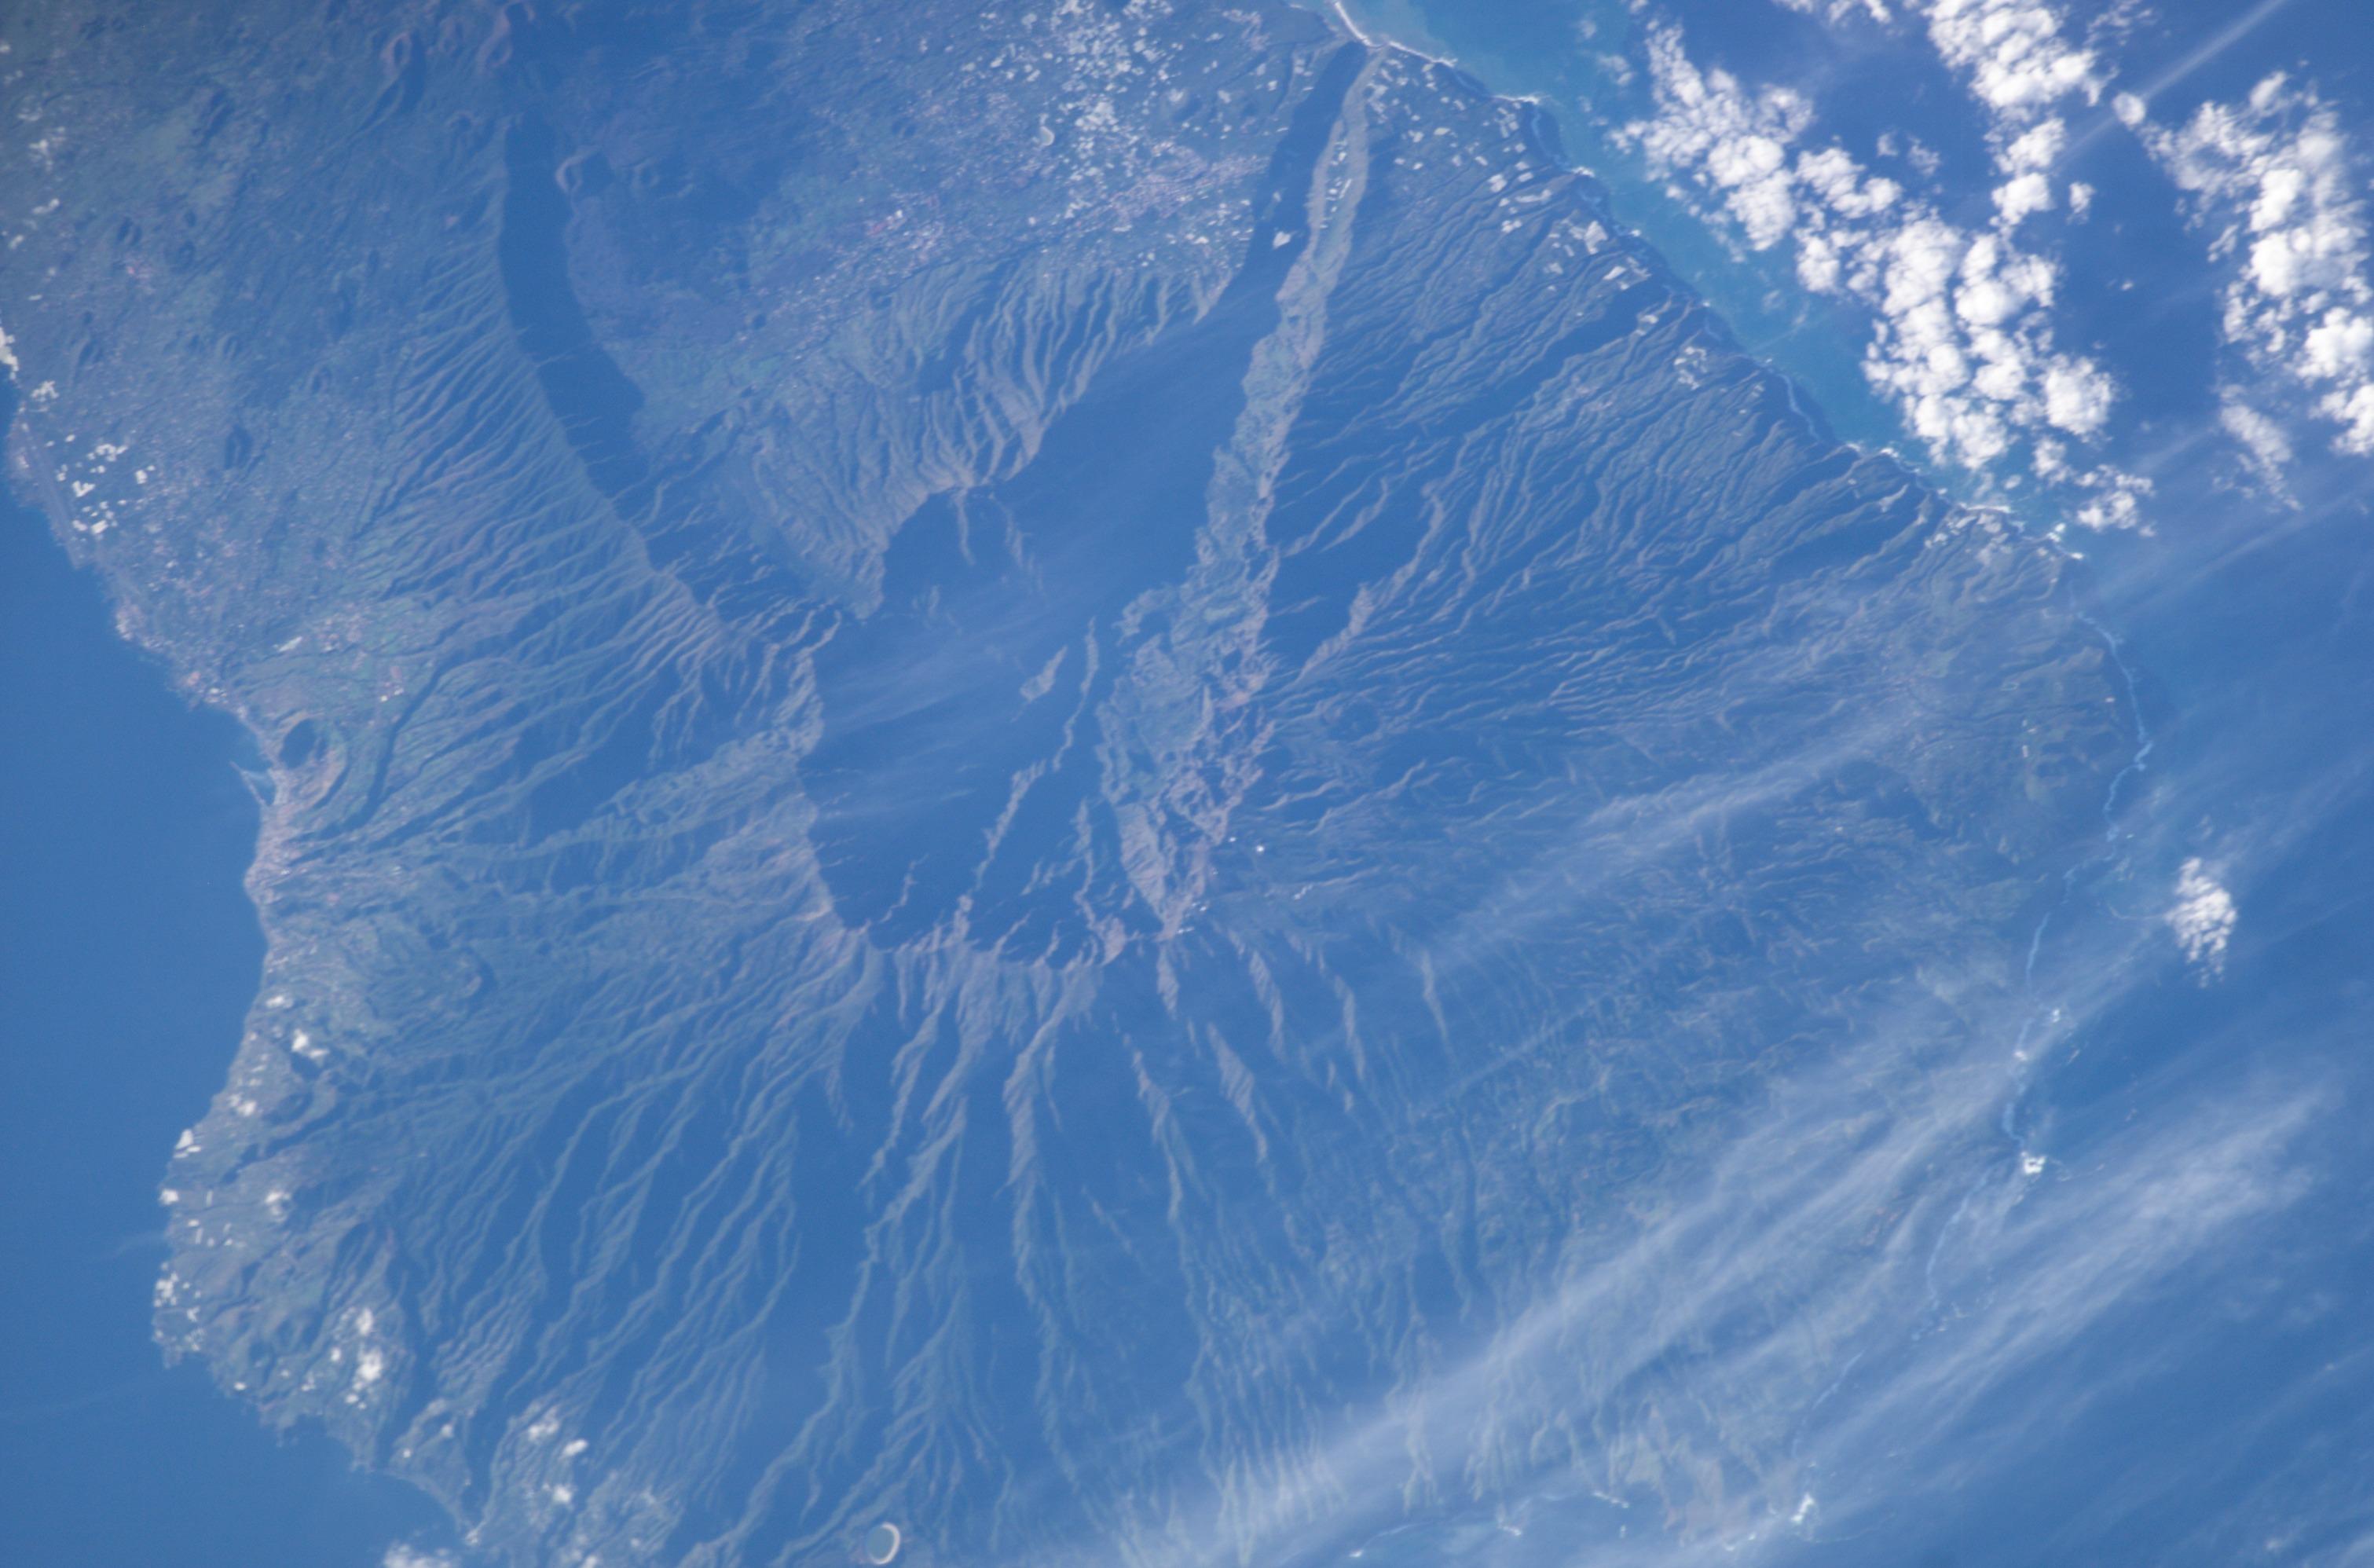 File:La palma volcano-close.jpg